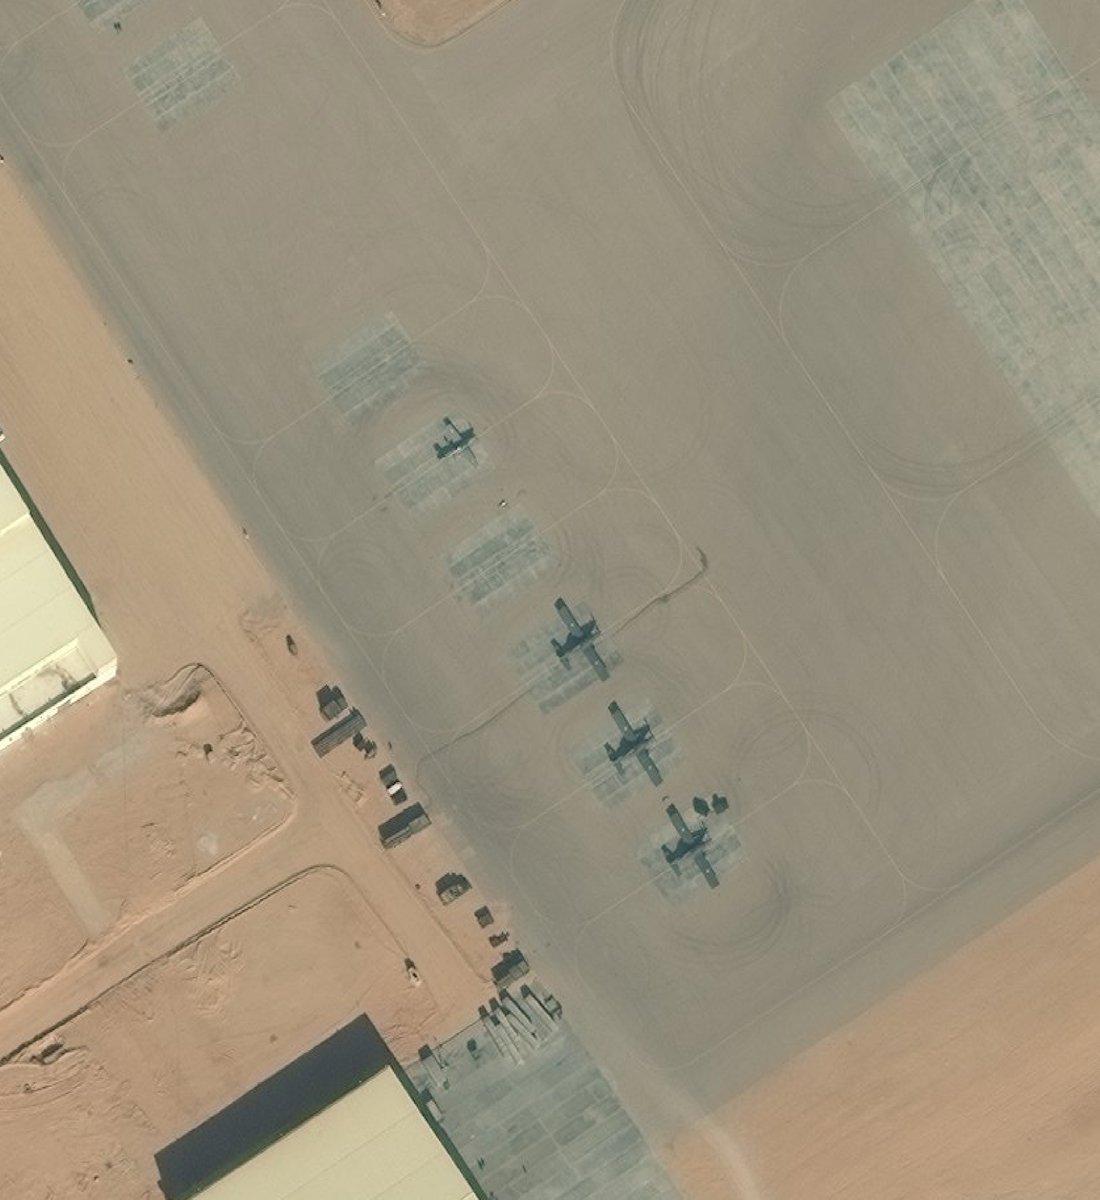 شركة IOMAX  تسرع لإتمام صفقة بيع 10 طائرات Archangel لمصر DUOd3iQX4AAMDqk